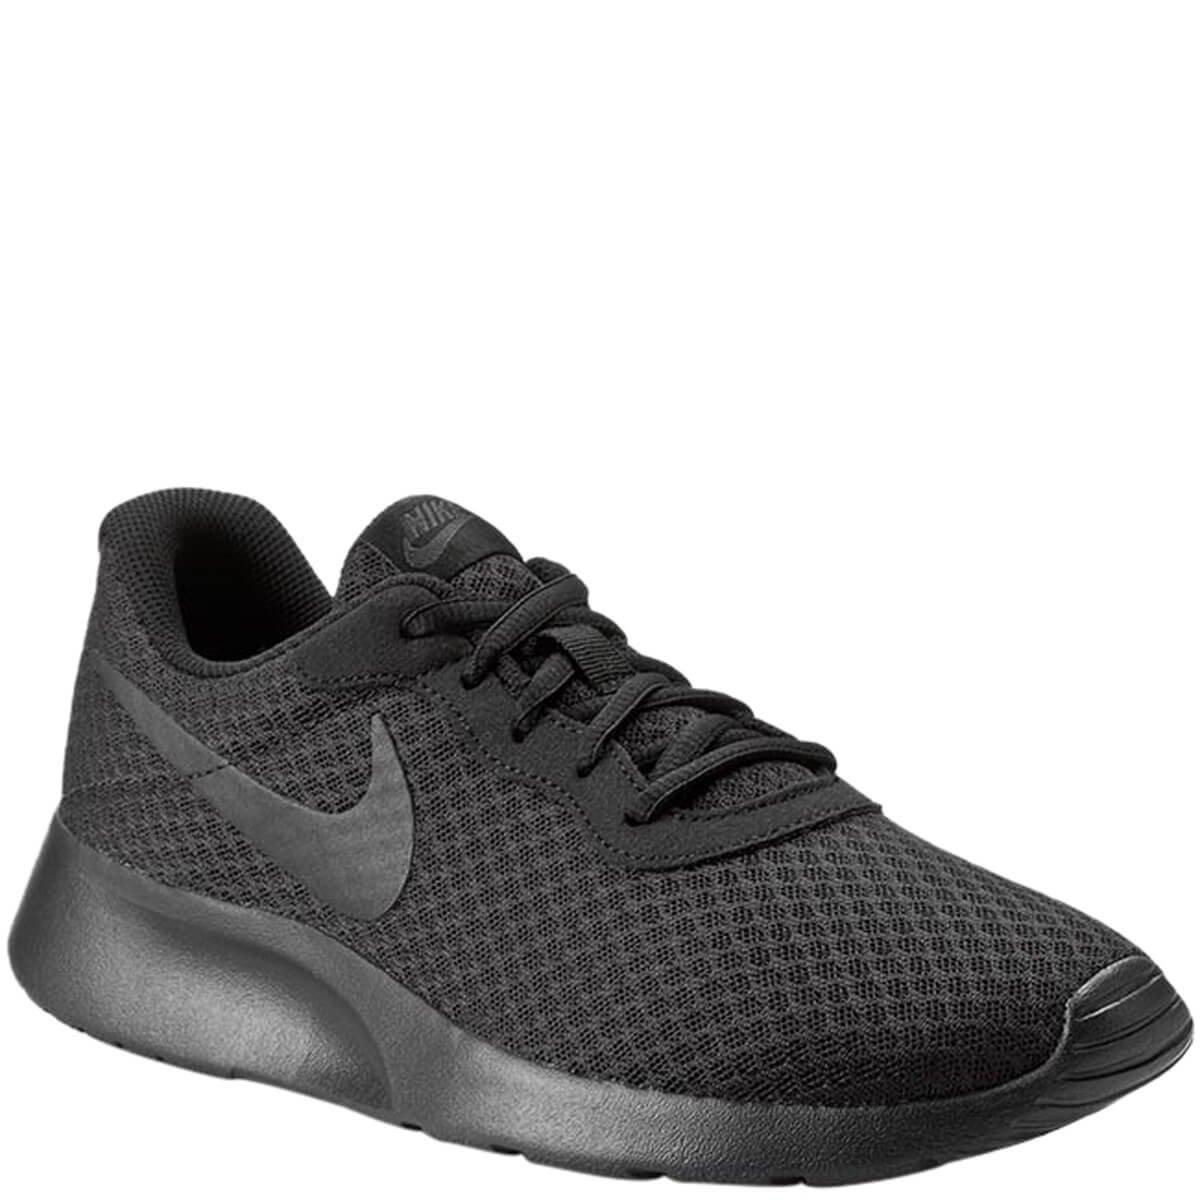 c55826fce1 Bizz Store - Tênis Masculino Nike Tanjun Preto